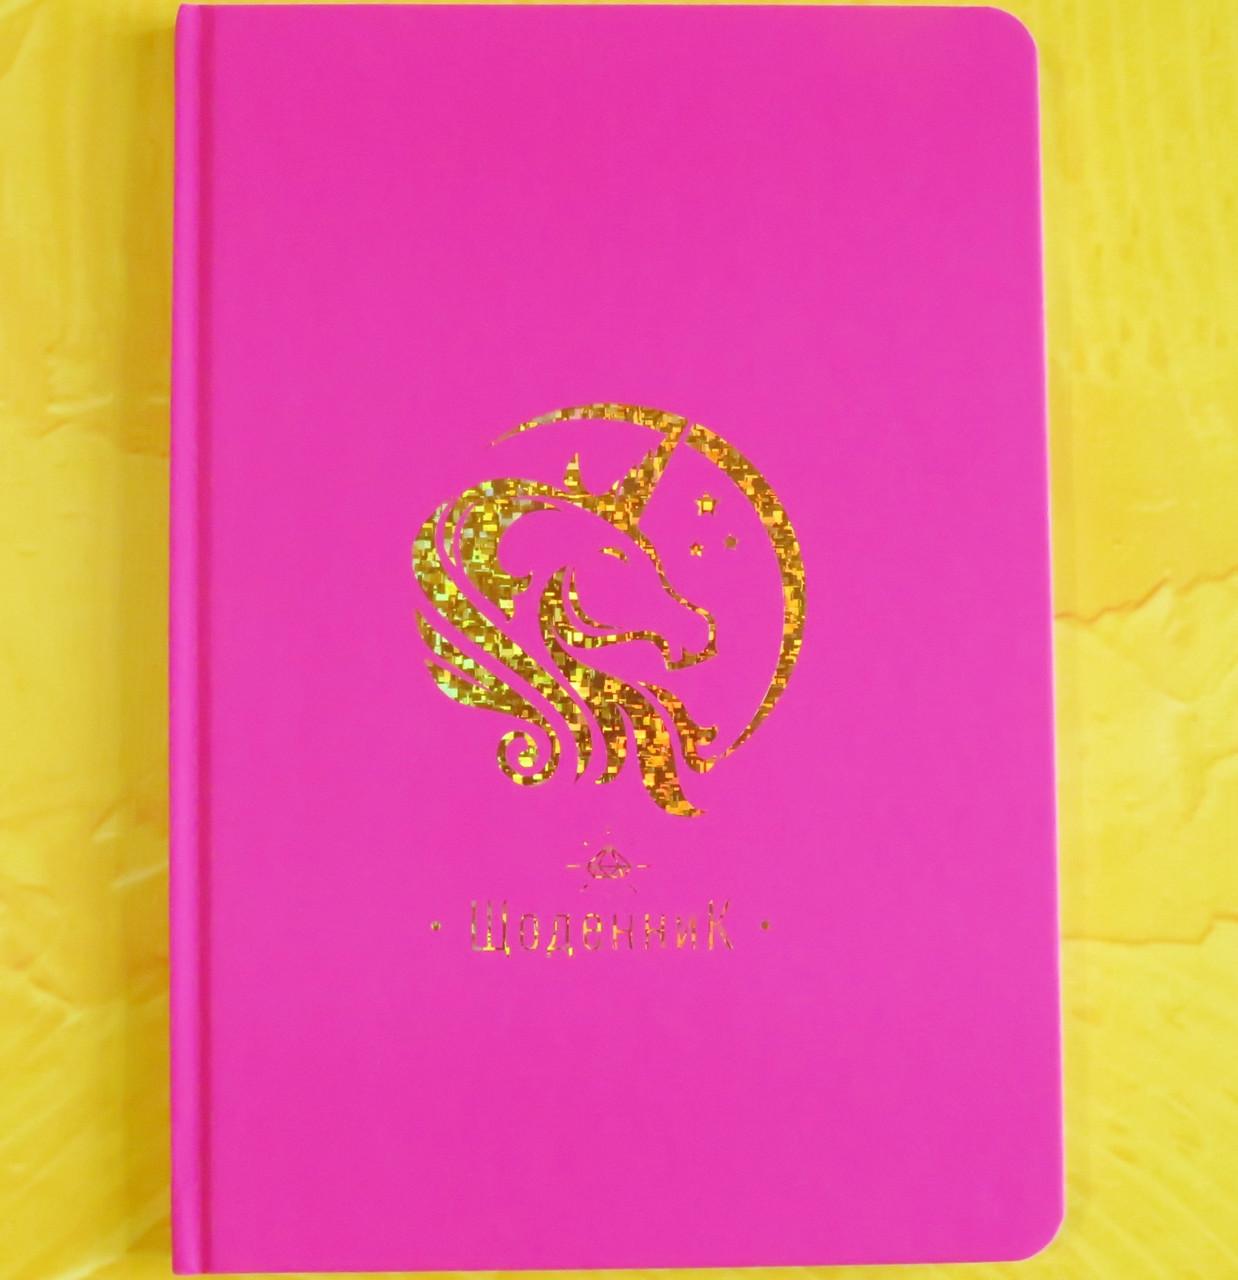 Школьный дневник, обложка Soft touch, розовый с единорогом